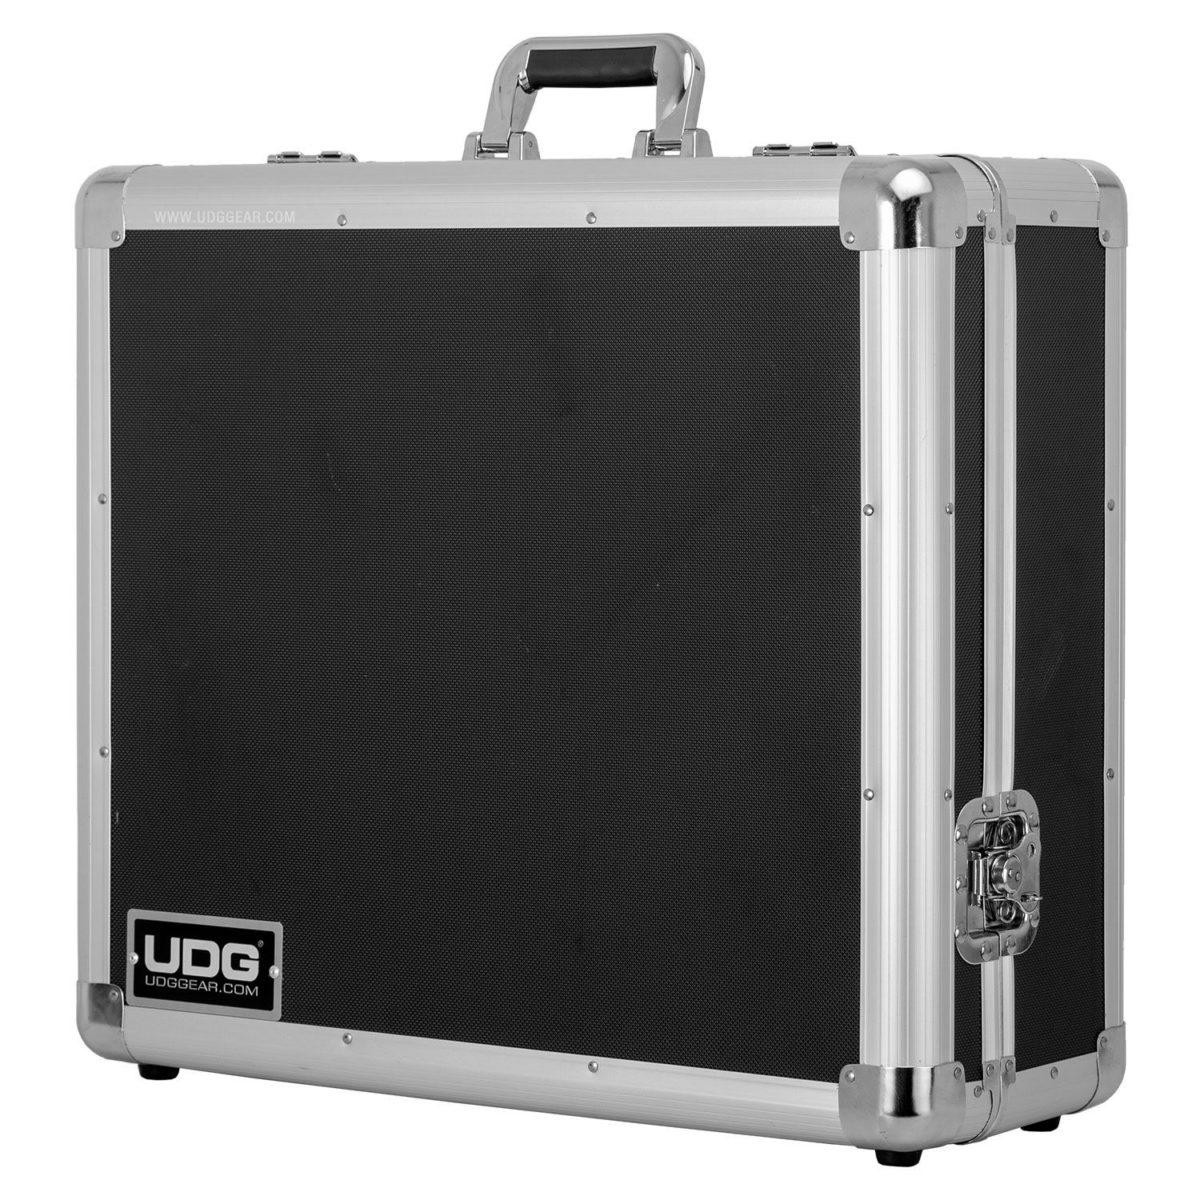 Case UDG para equipamentos de DJ – U93012SL